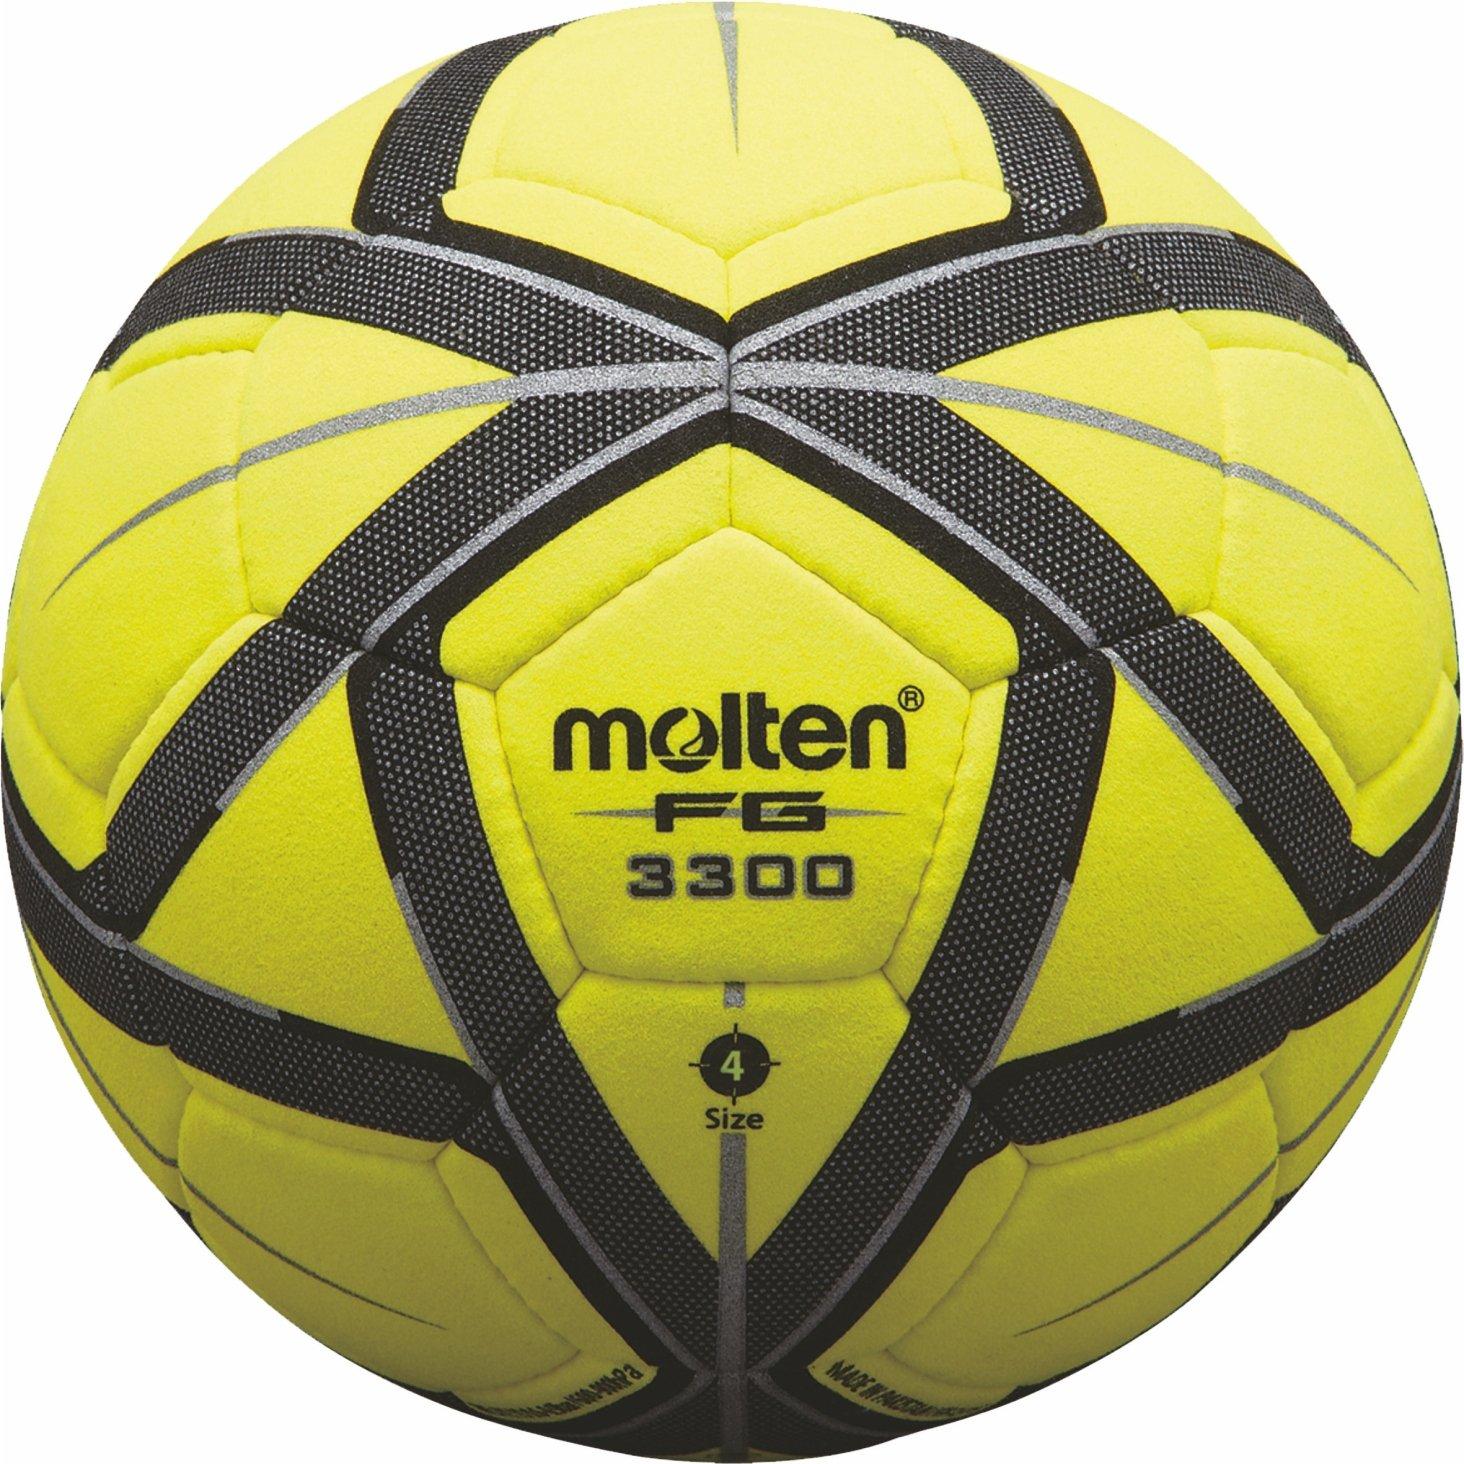 Molten - Balón de fútbol sala fg3300: Amazon.es: Deportes y aire libre